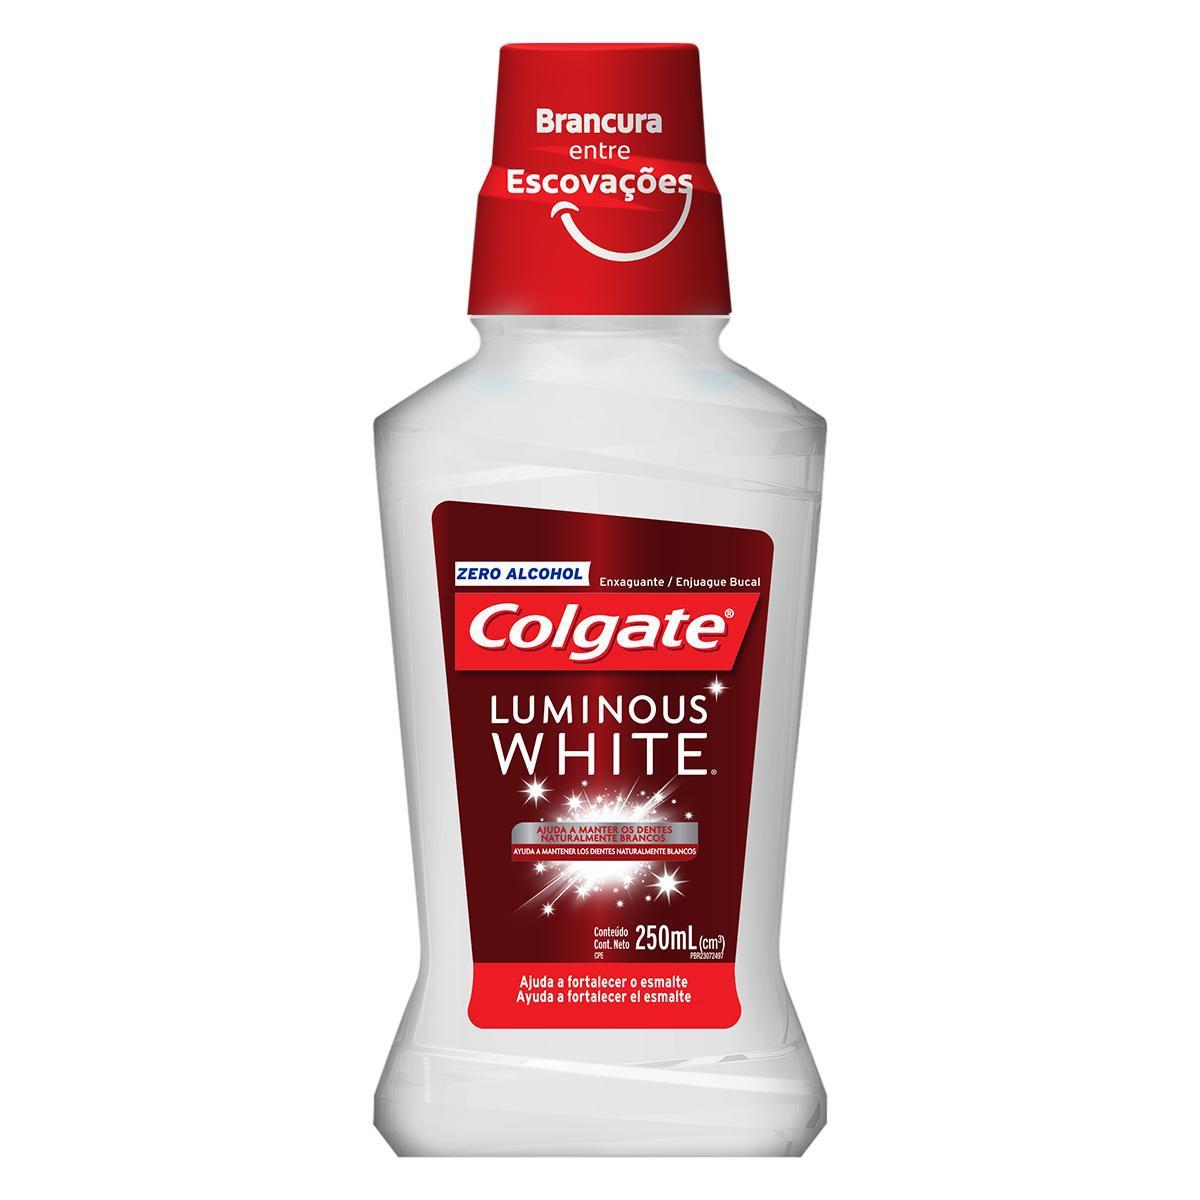 ENXAG COLG LUMIN WHITE  1X250ML(12)